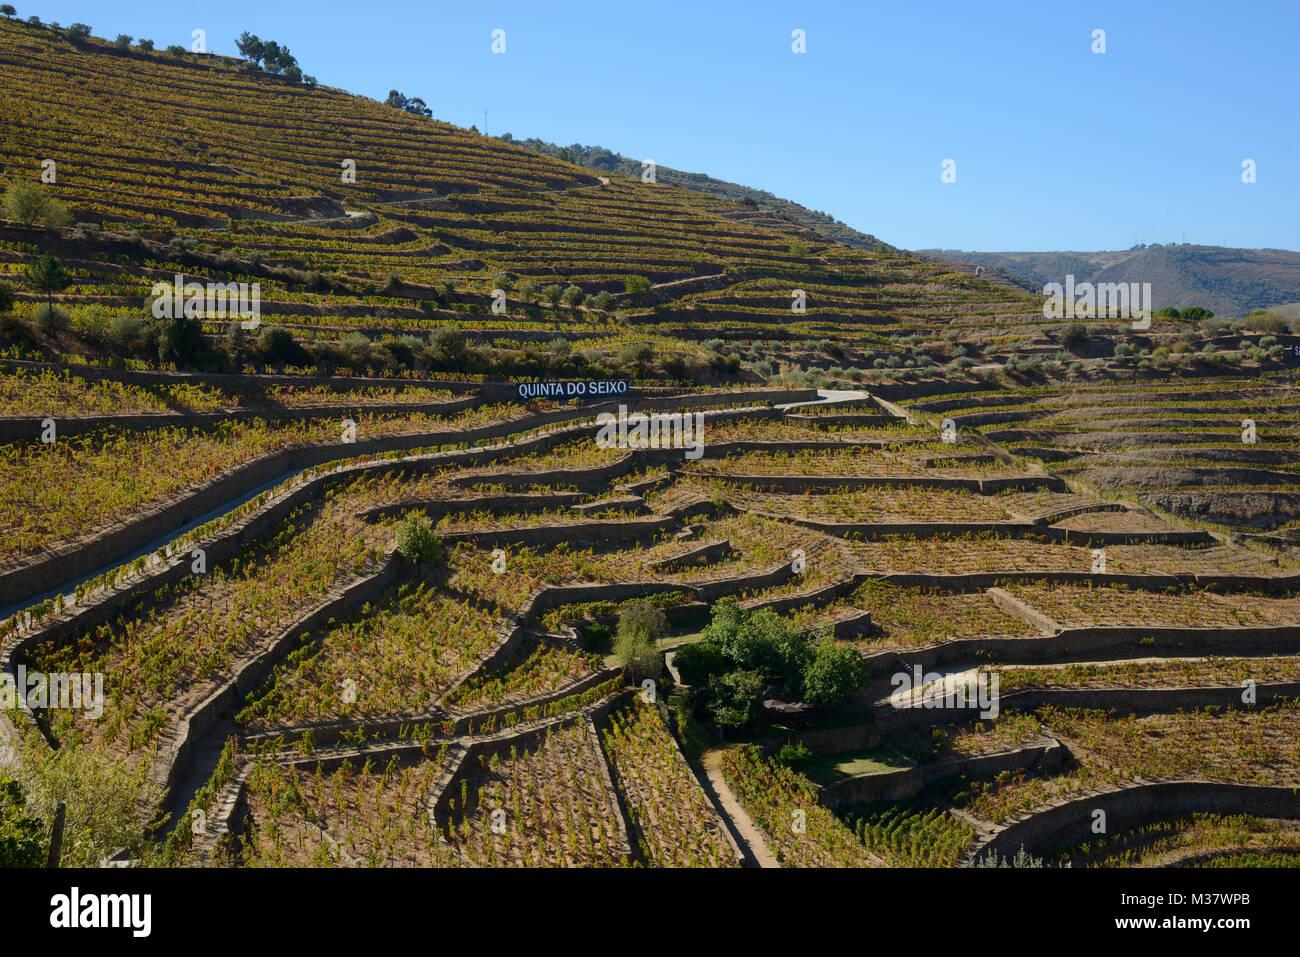 Vigneti su terrazzamenti artificiali sulle colline della Valle del ...